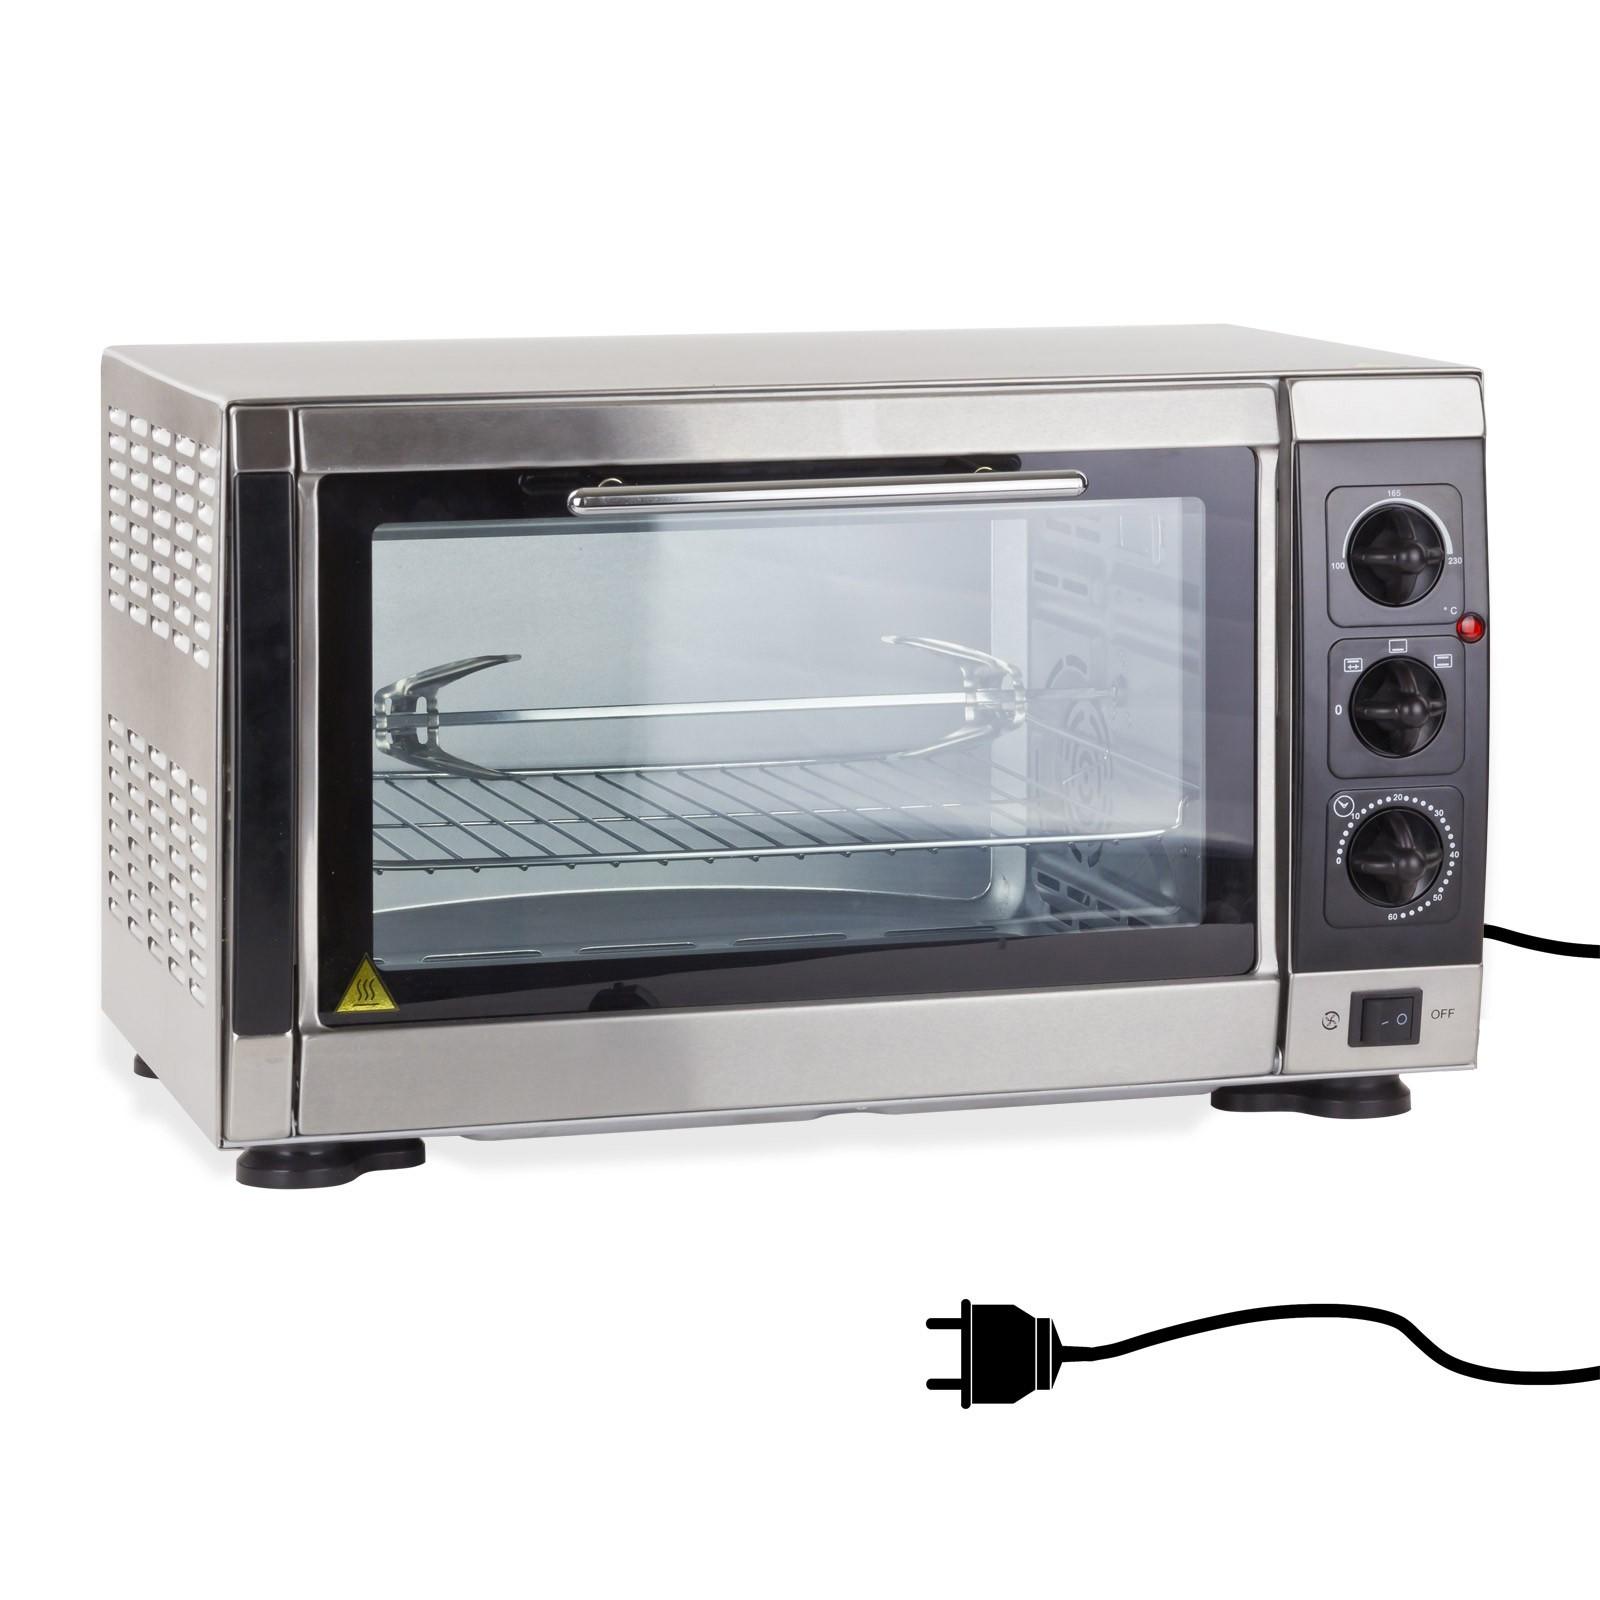 Dema Umluftofen Backofen Ofen Heißluftofen Minibackofen DUO33X+ 61096